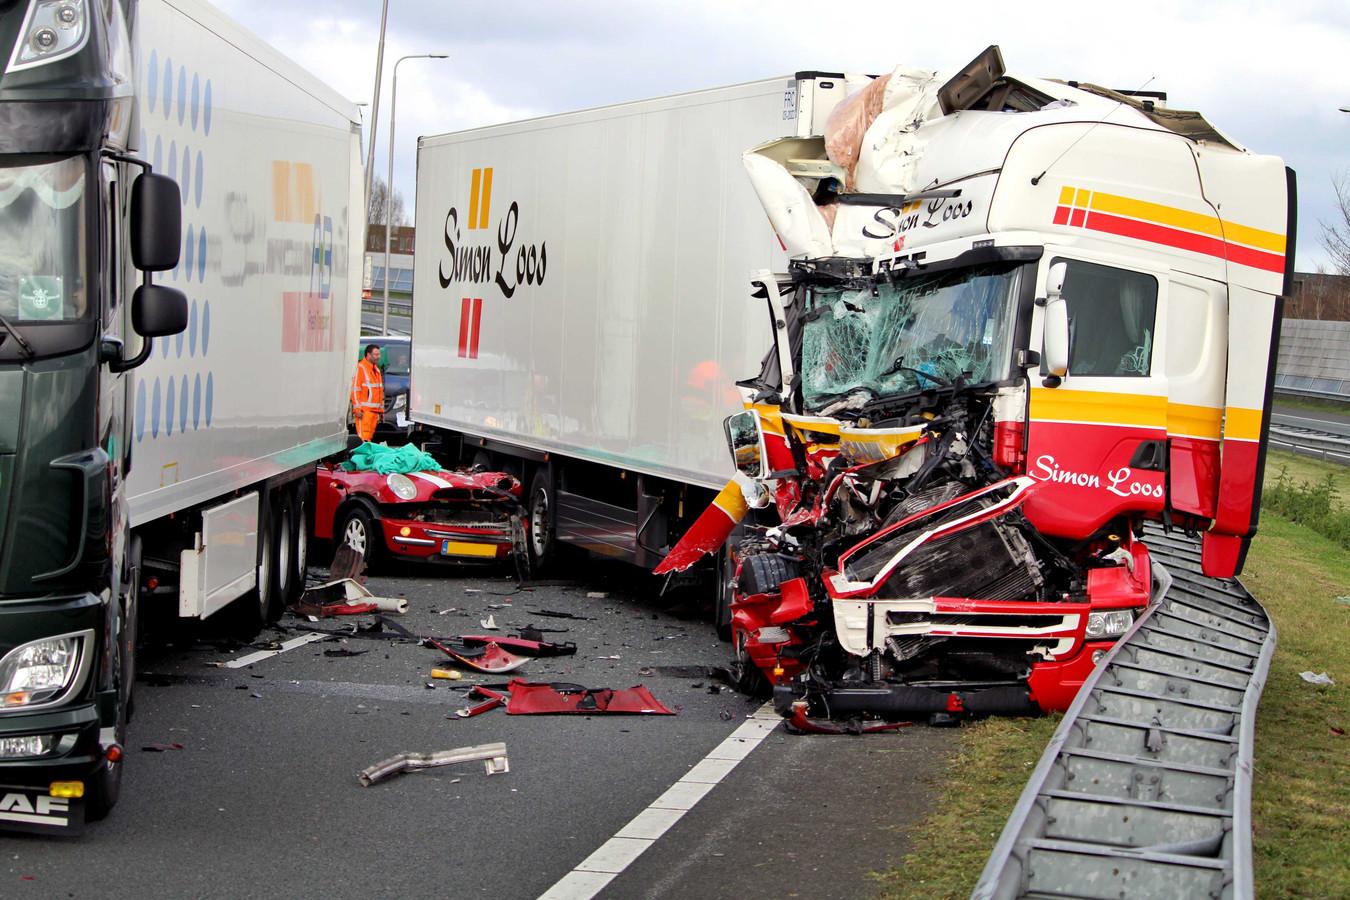 Het aantal schademeldingen neemt  af, vooral op de snelweg, maar regelmatig gaat het ook daar toch nog goed mis. Bij een ernstig ongeval op de A7 bij Purmerend waren gisteren twee vrachtwagens en twee personenauto's betrokken.